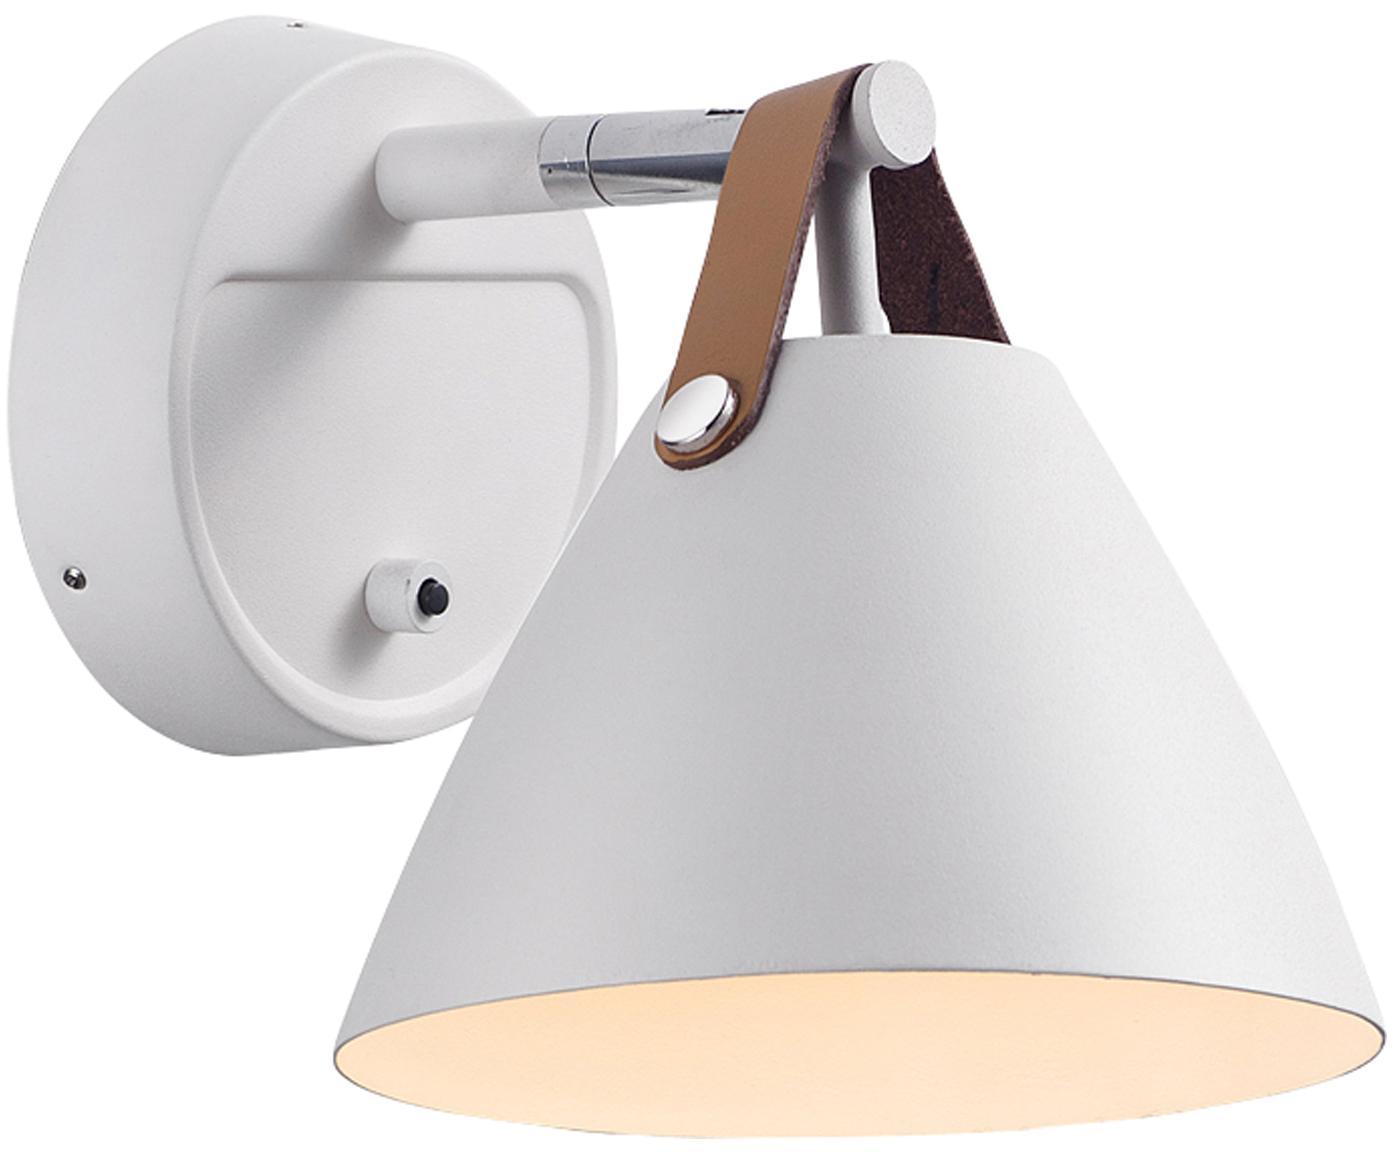 Wandleuchte Strap mit Stecker, Lampenschirm und Wandbefestigung: Weiss<br>Lederband: Sand oder Schwarz, 17 x 17 cm